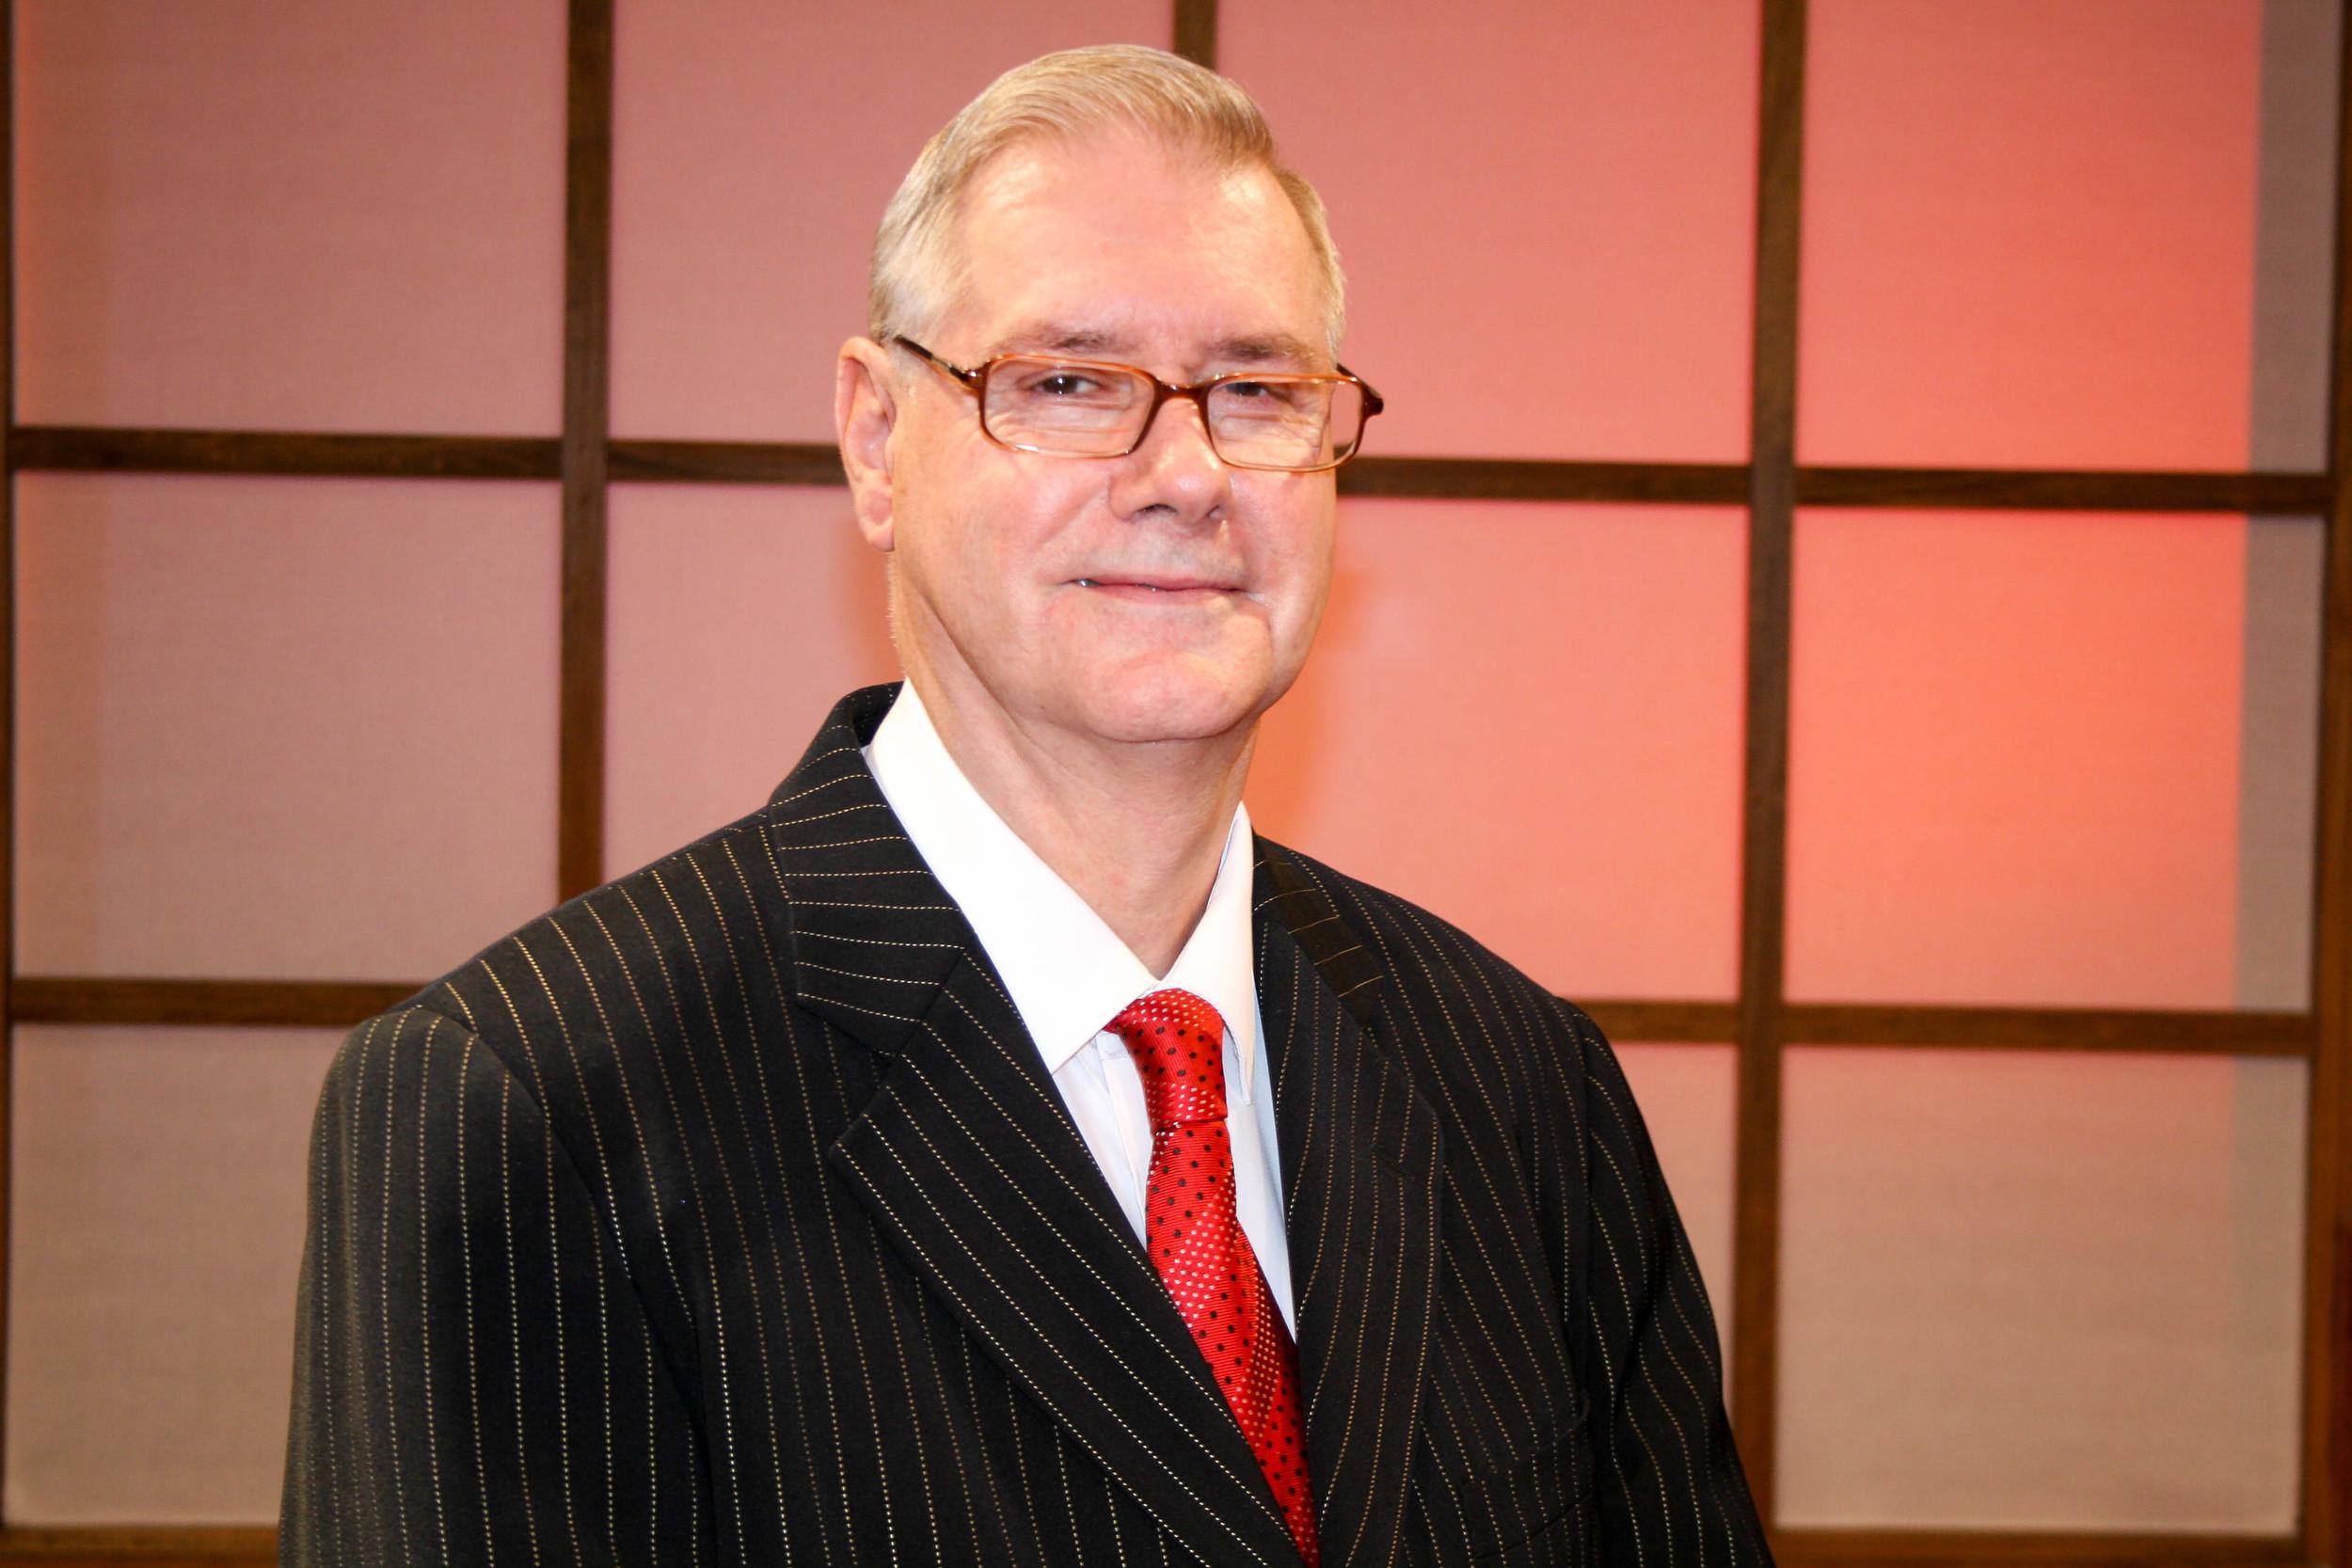 Dennis Epperson